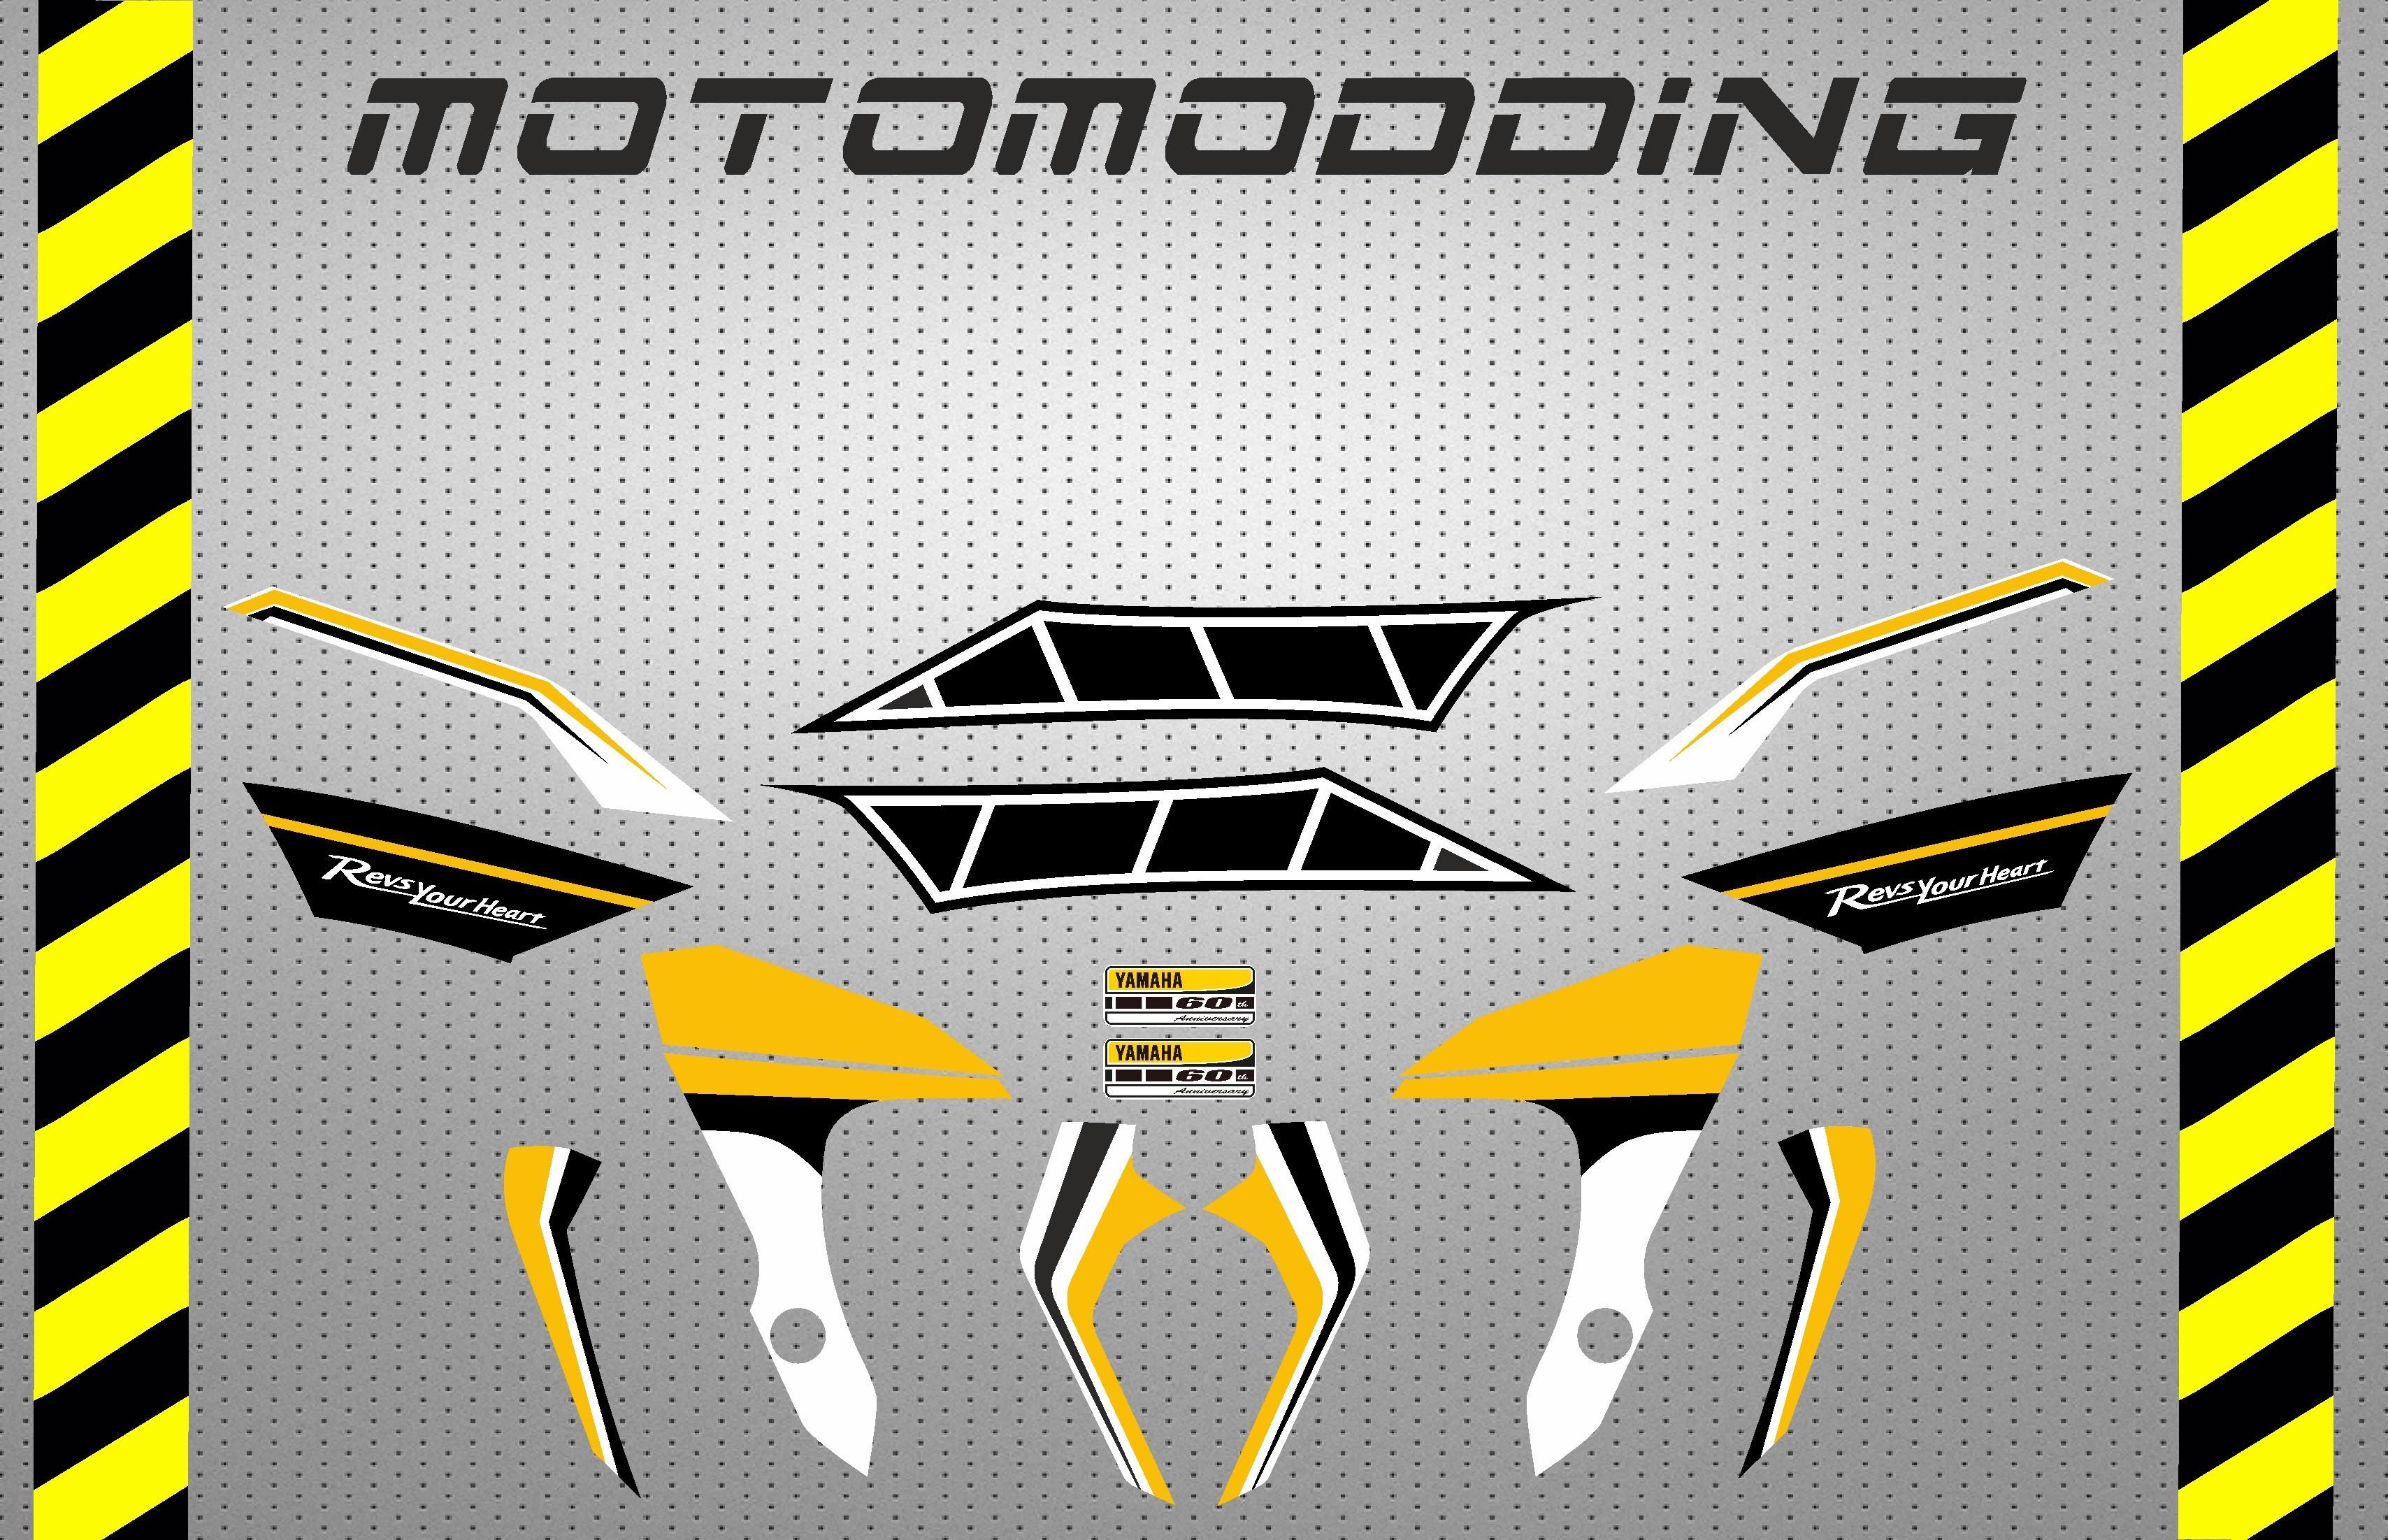 Pegatinas personalizables para Motos Yamaha Vinilos y adhesivos